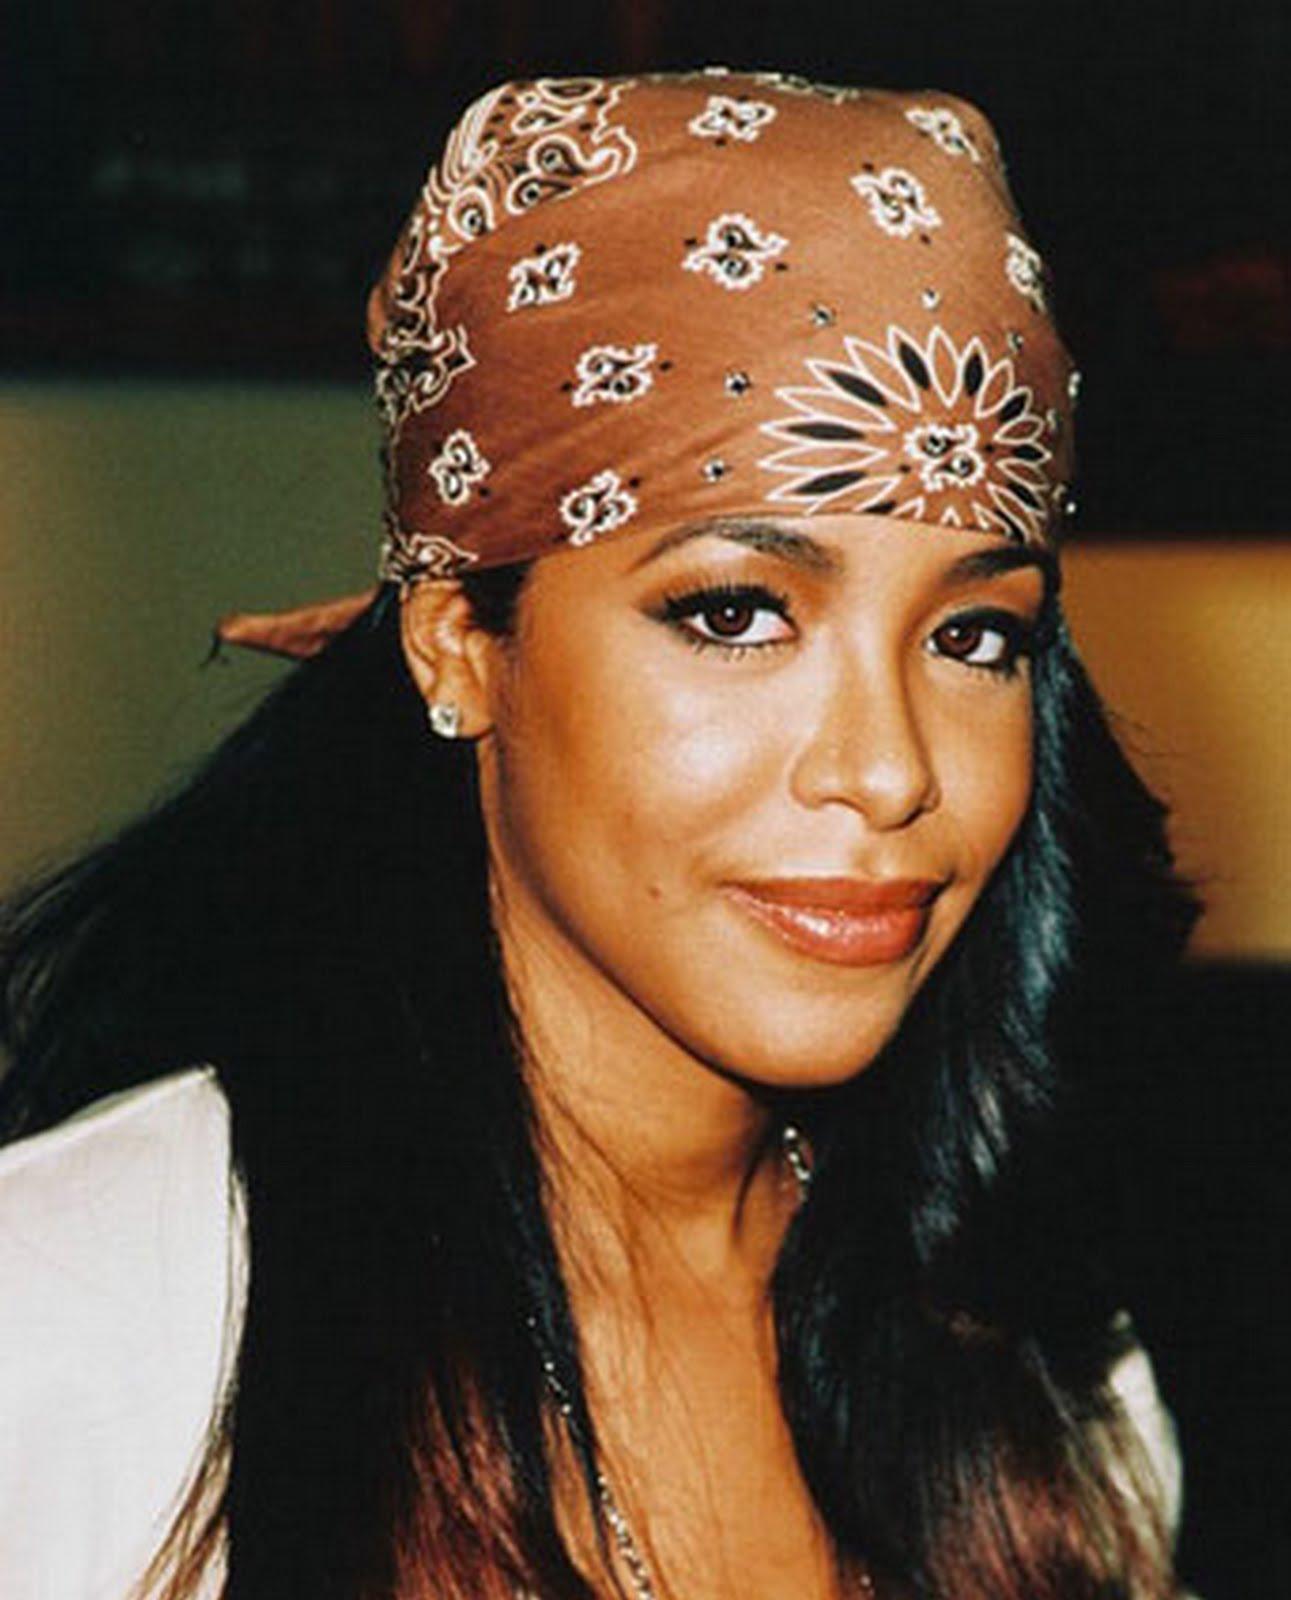 http://3.bp.blogspot.com/-U9qetZ2y-28/TkyPu7AtMAI/AAAAAAAAHjs/GcTBoMsJv7Q/s1600/Aaliyah-4-18-08.jpg